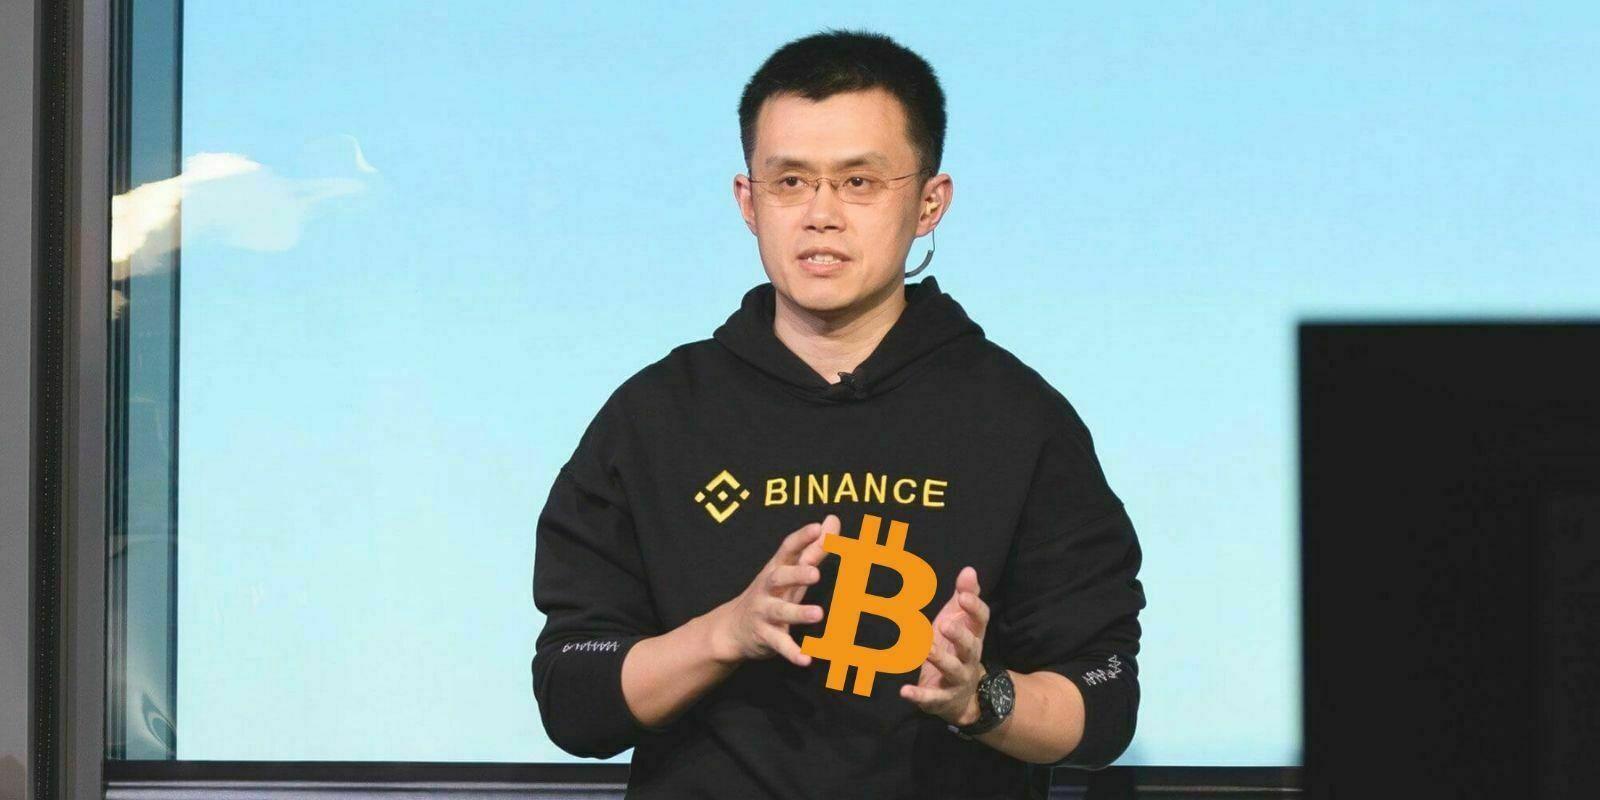 Avec $2,6 milliards, Changpeng Zhao est en tête de liste des 6 crypto-milliardaires